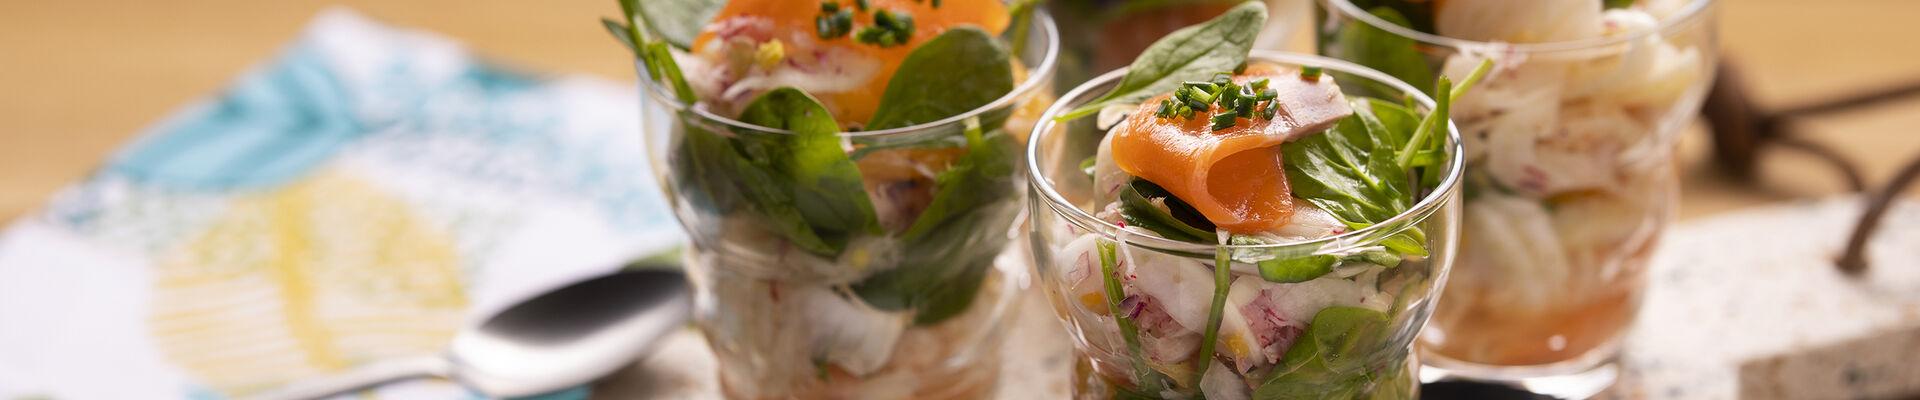 Émincé de fenouil, agrumes et saumon fumé